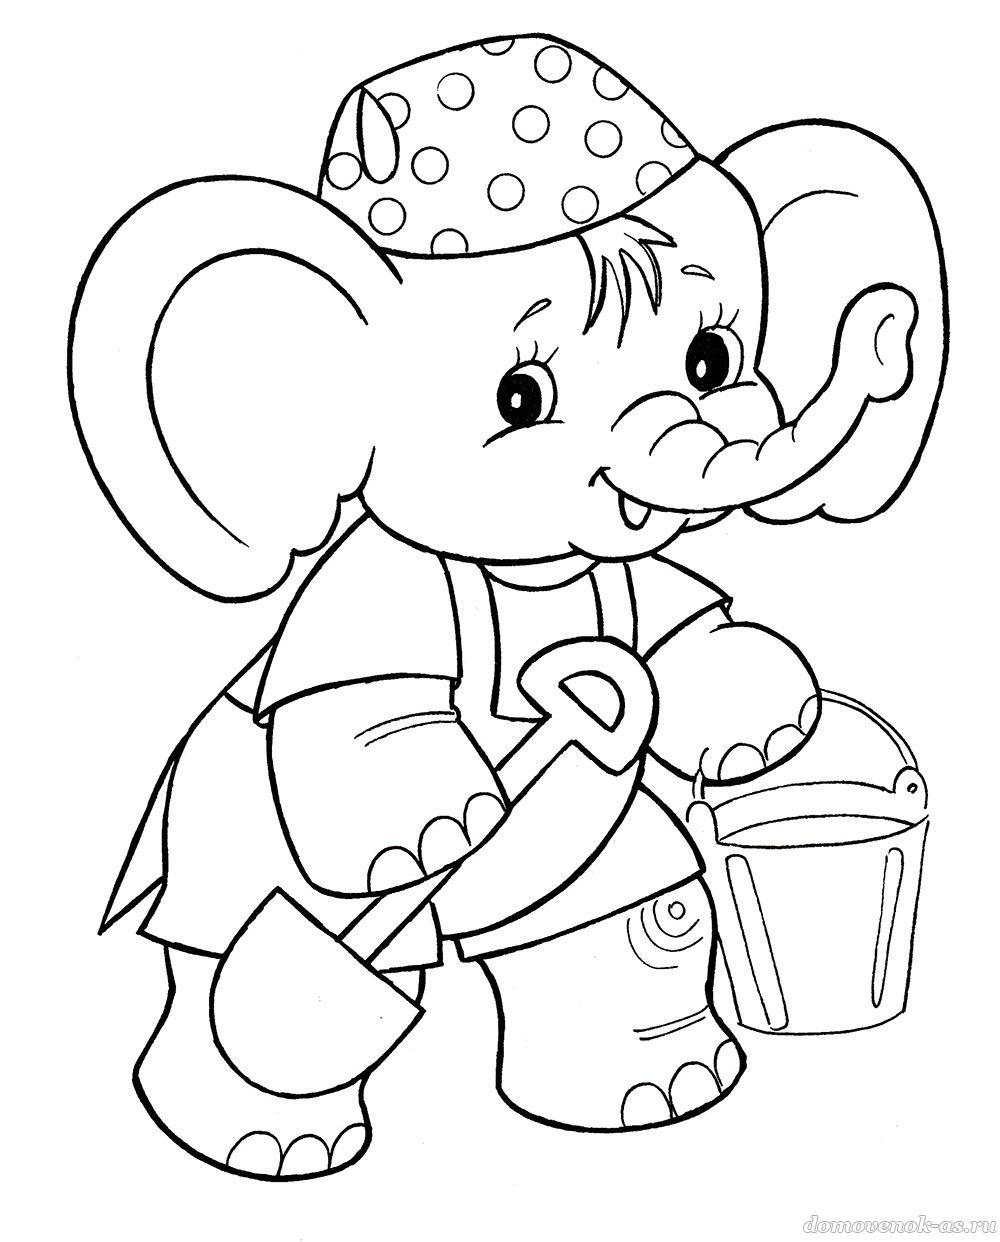 Раскраски для детей 4-6 лет